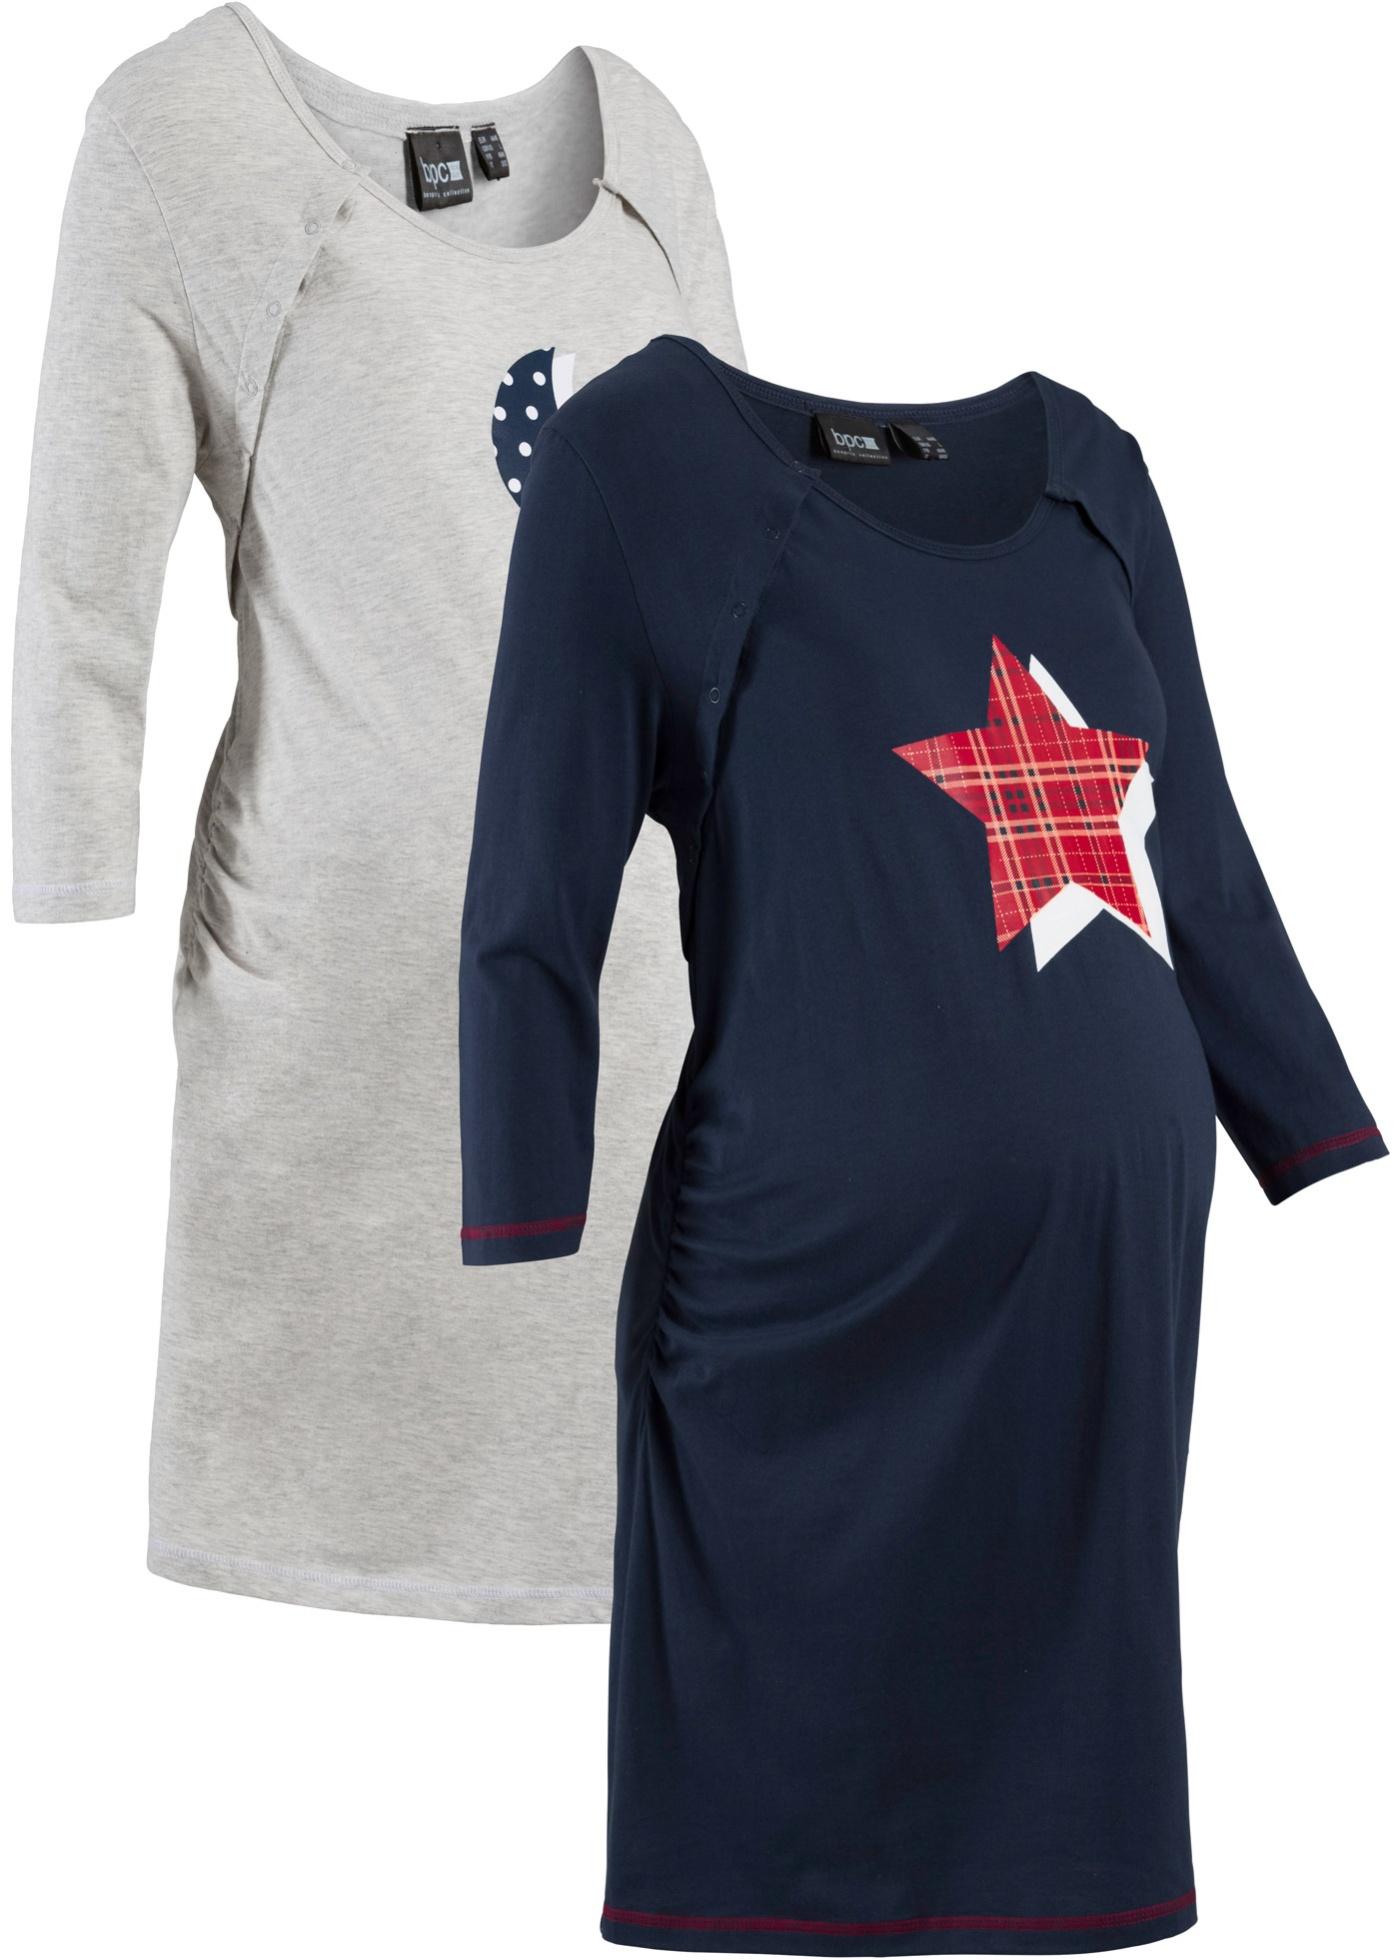 Camicia da notte per allattamento (pacco da 2) (Blu) - bpc bonprix collection - Nice Size